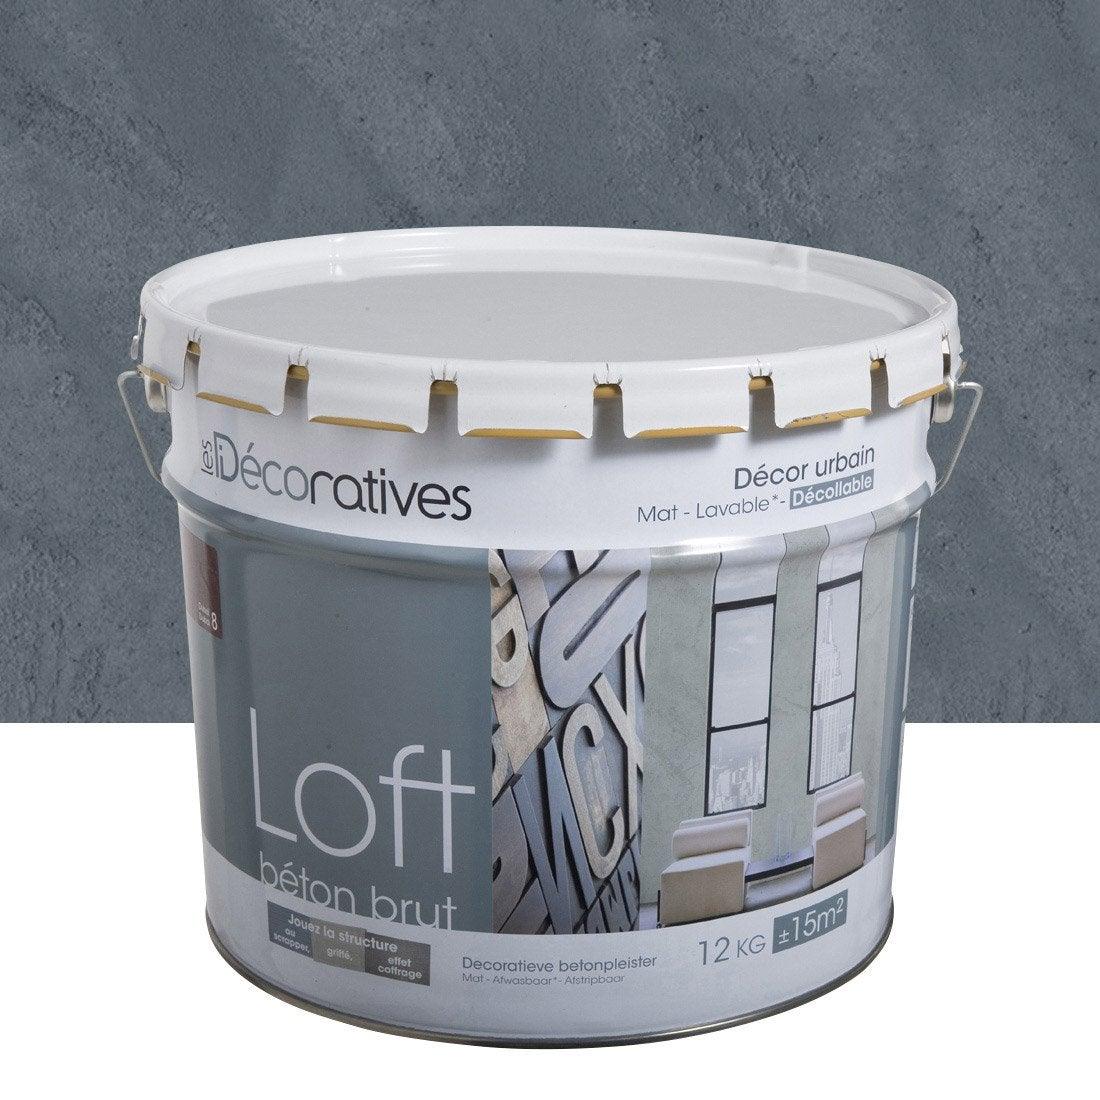 Peinture effet loft b ton brut les decoratives violet - Peinture beton brut ...